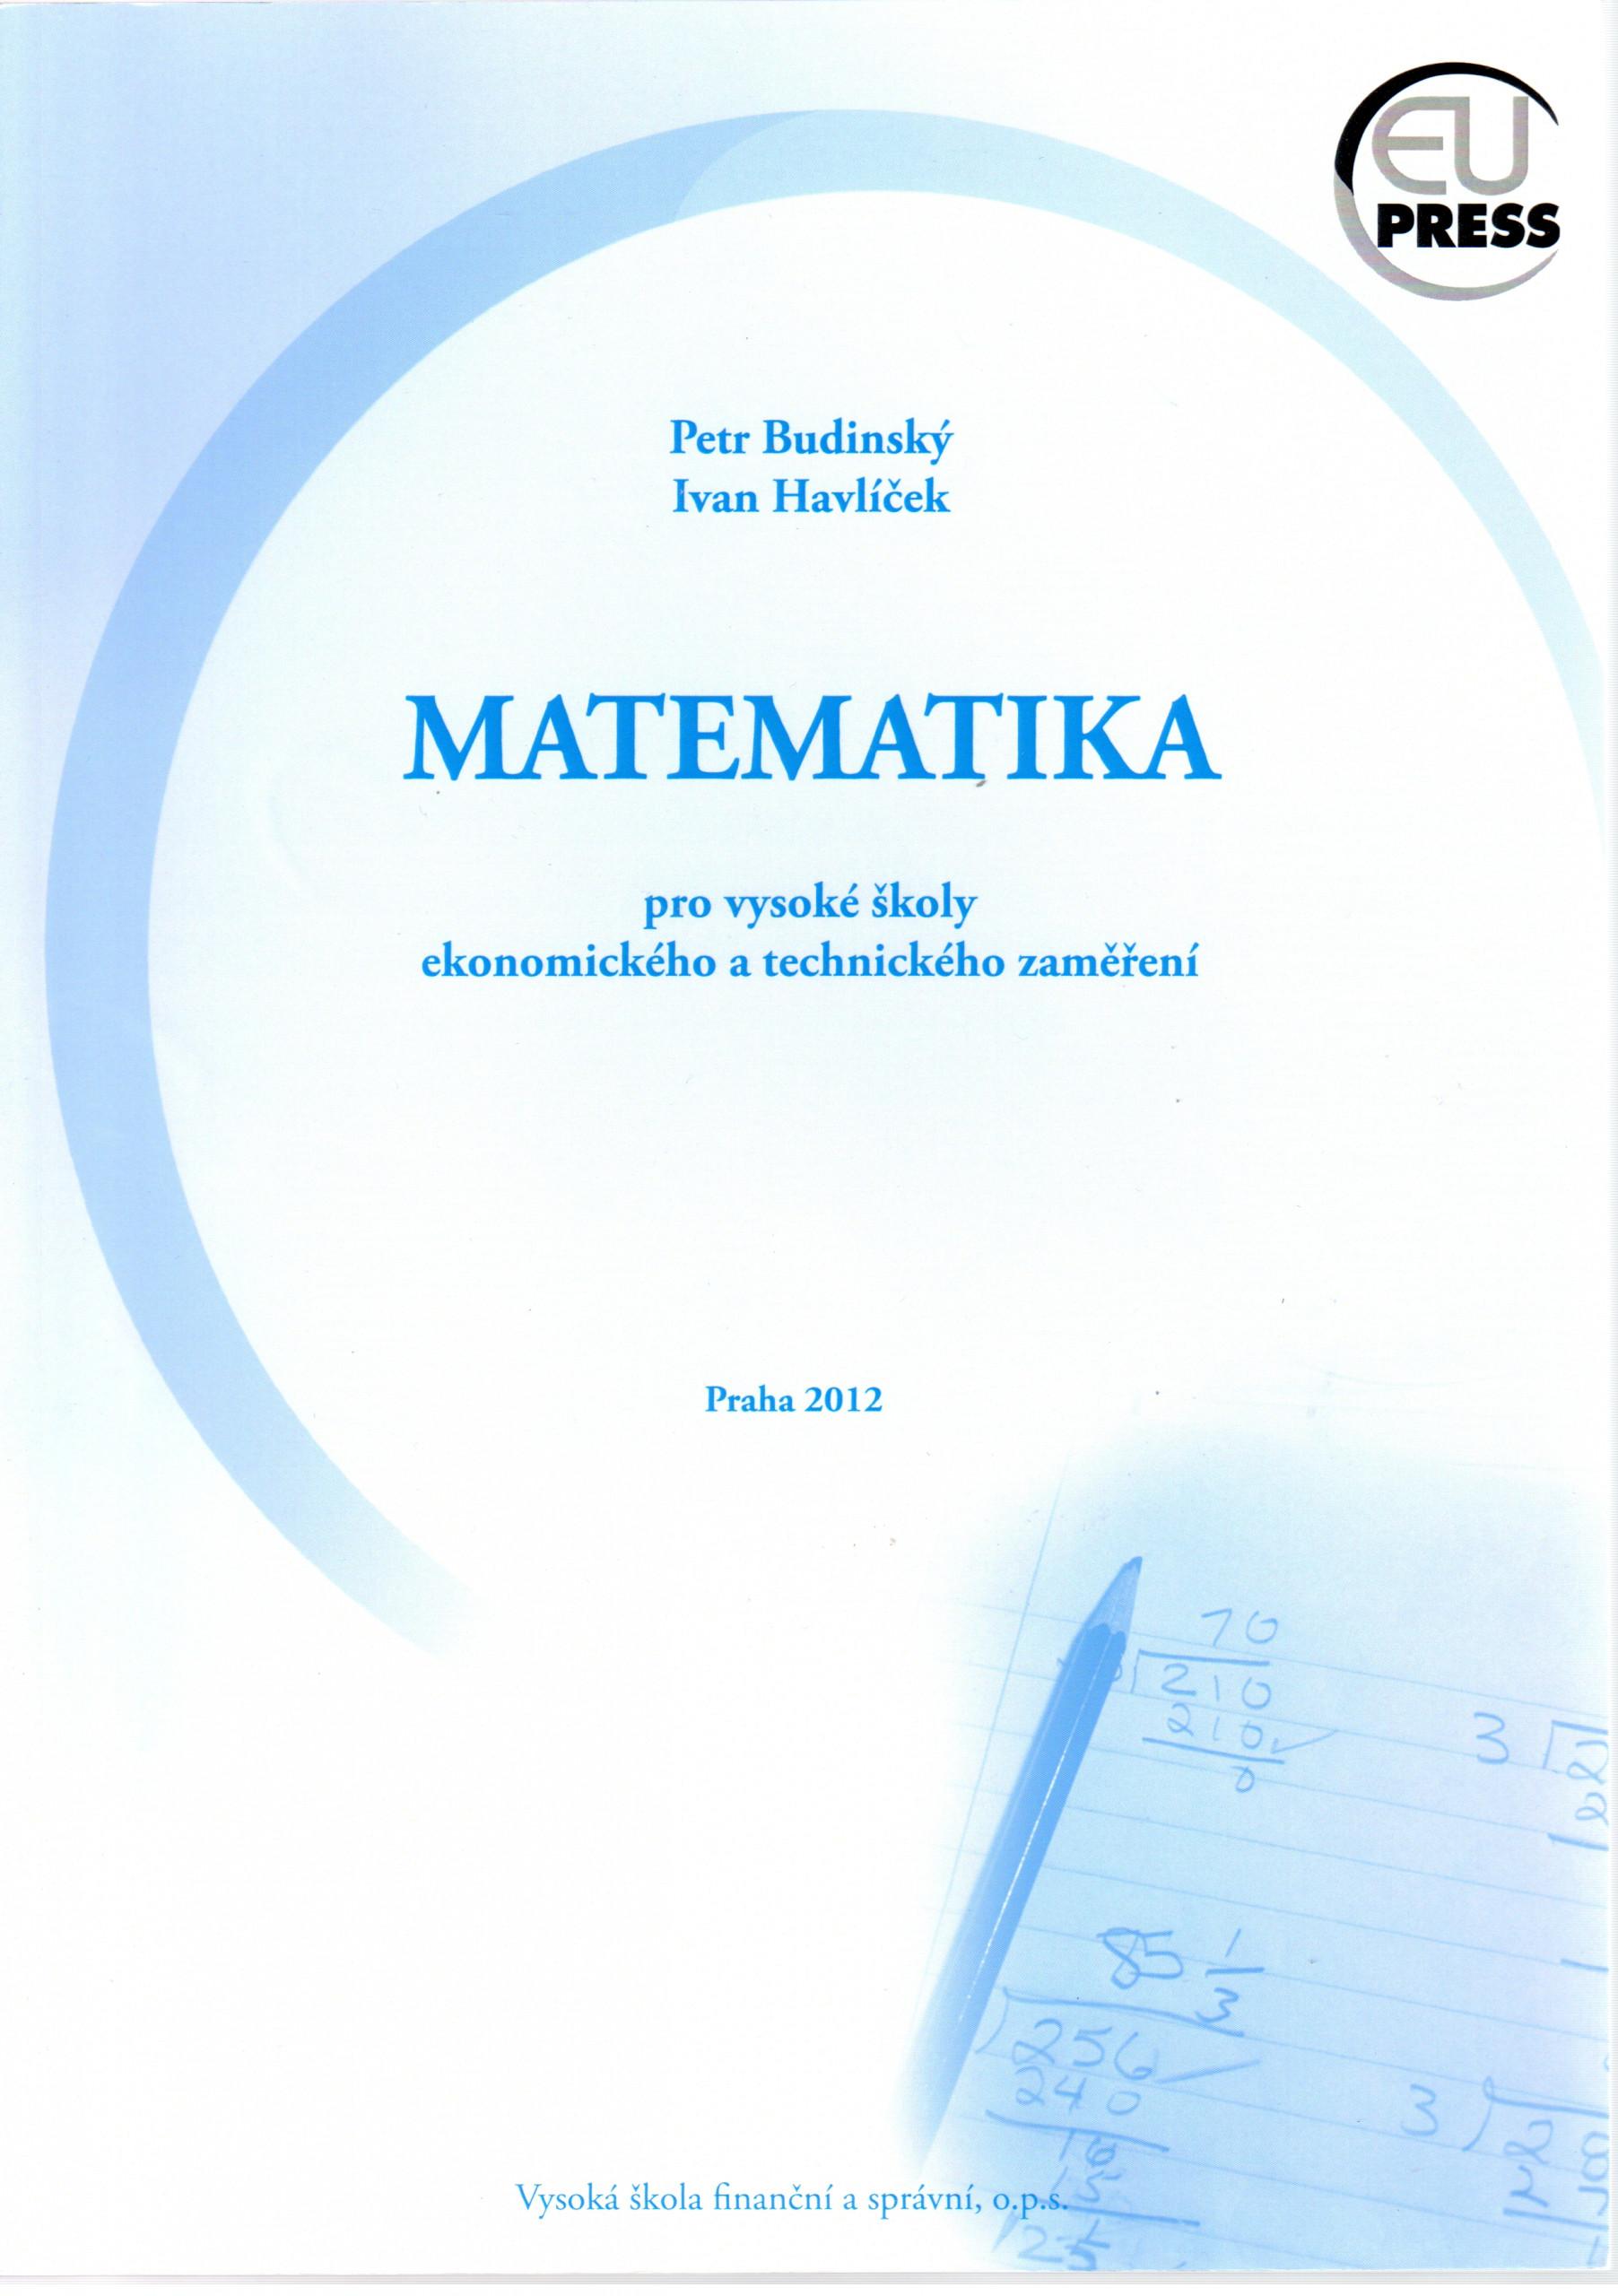 Matematika pro vysoké školy ekonomického a technického zaměření - Náhled učebnice